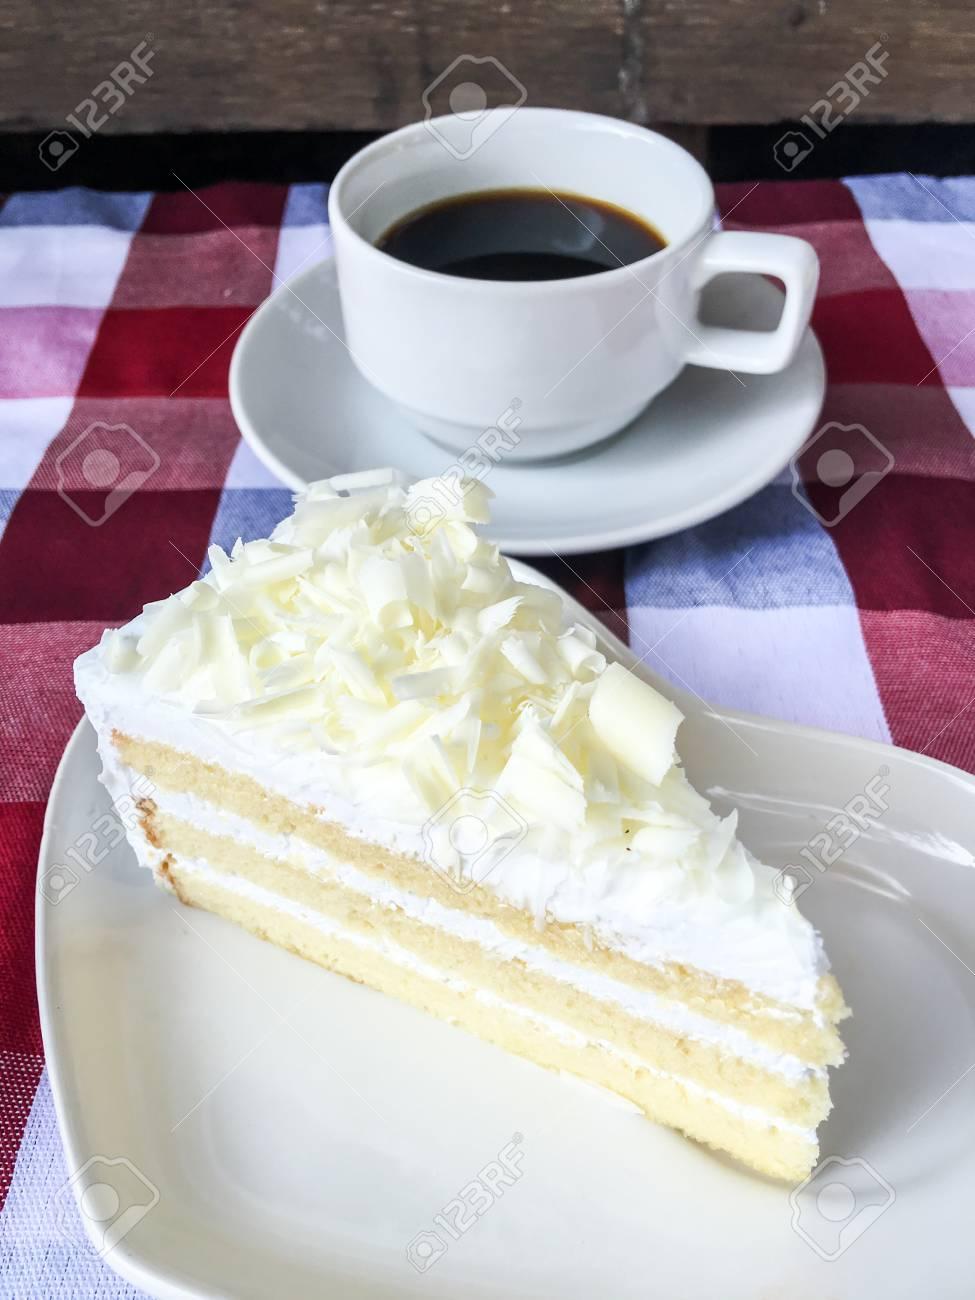 Weisse Schokolade Kuchen Und Kaffee Auf Tischdecke Kariert